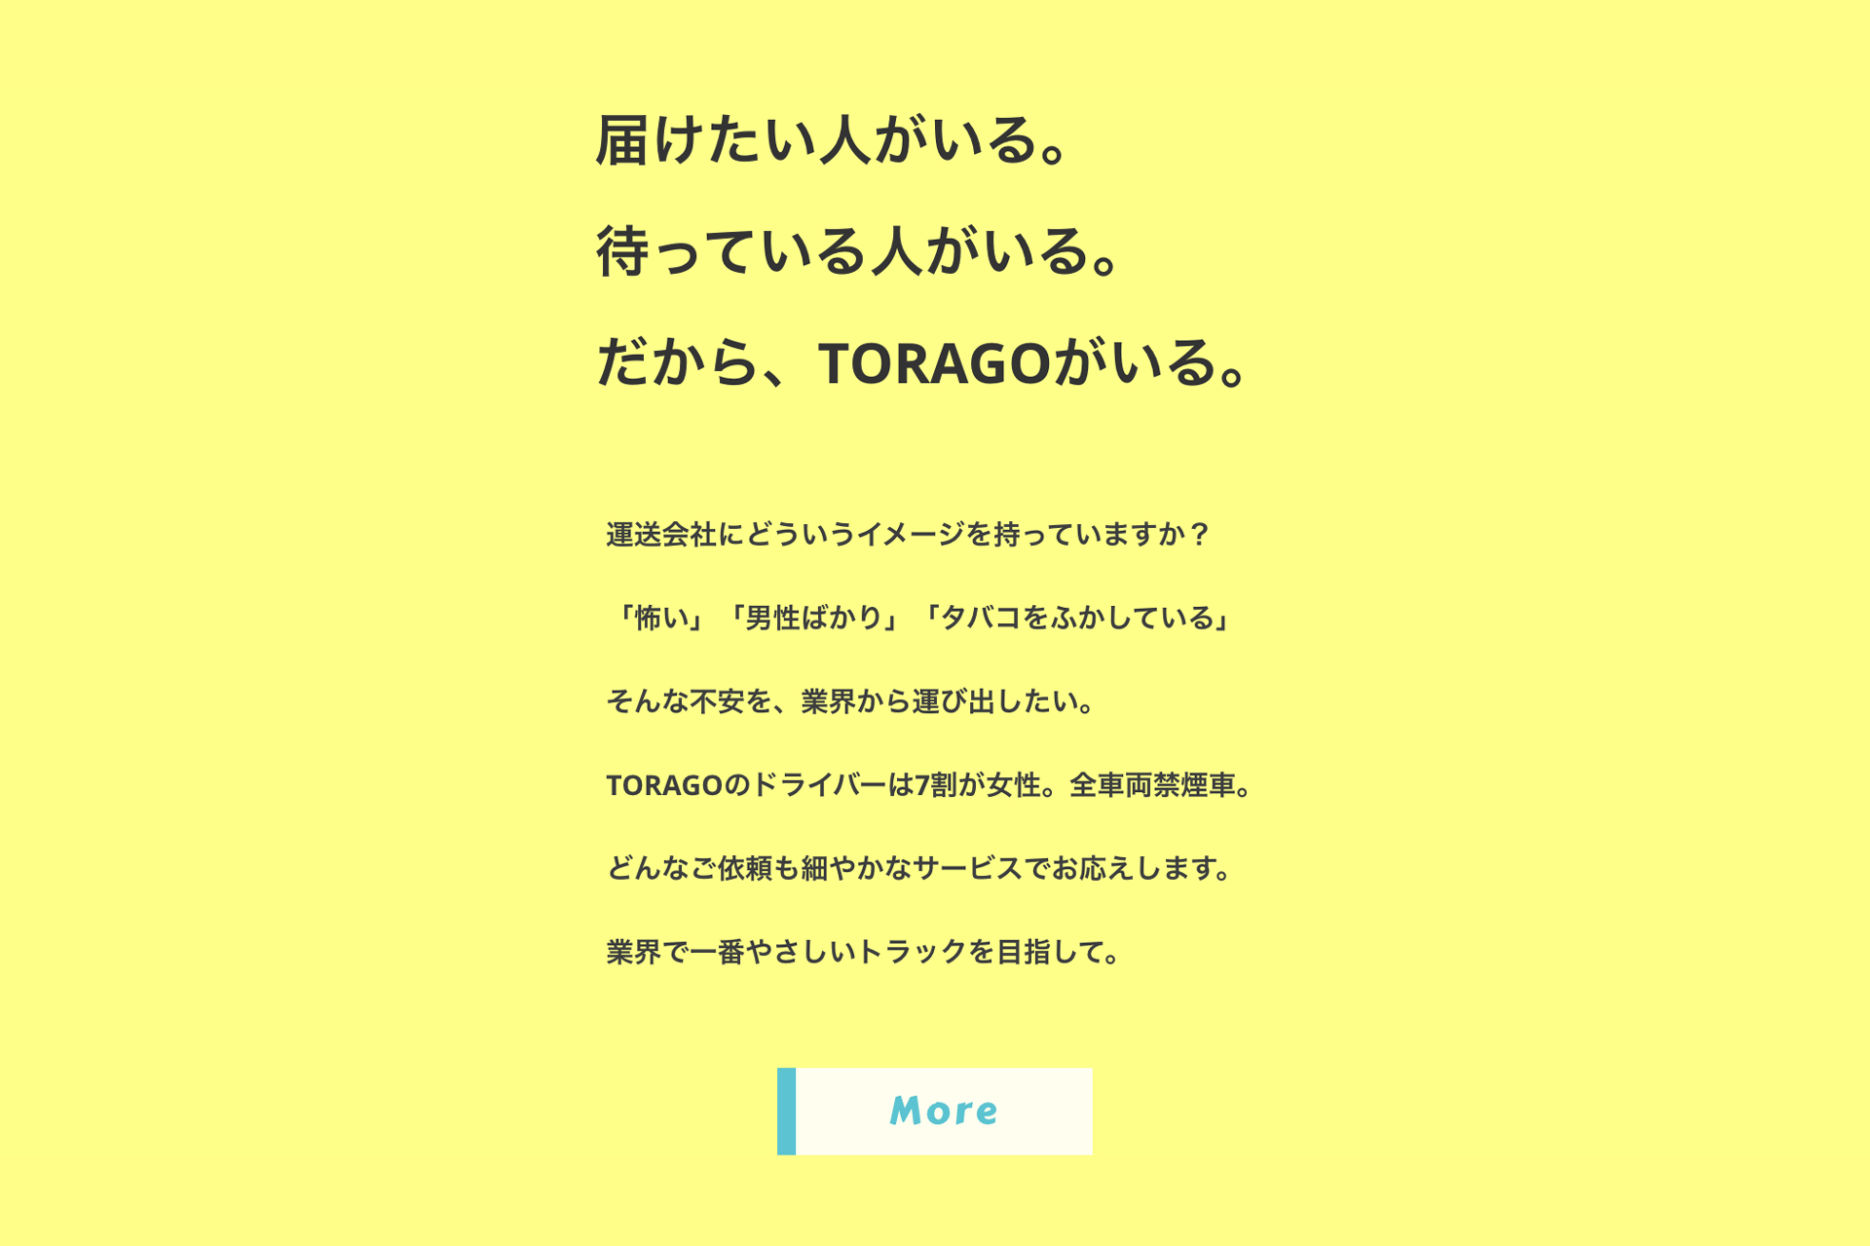 torago-5